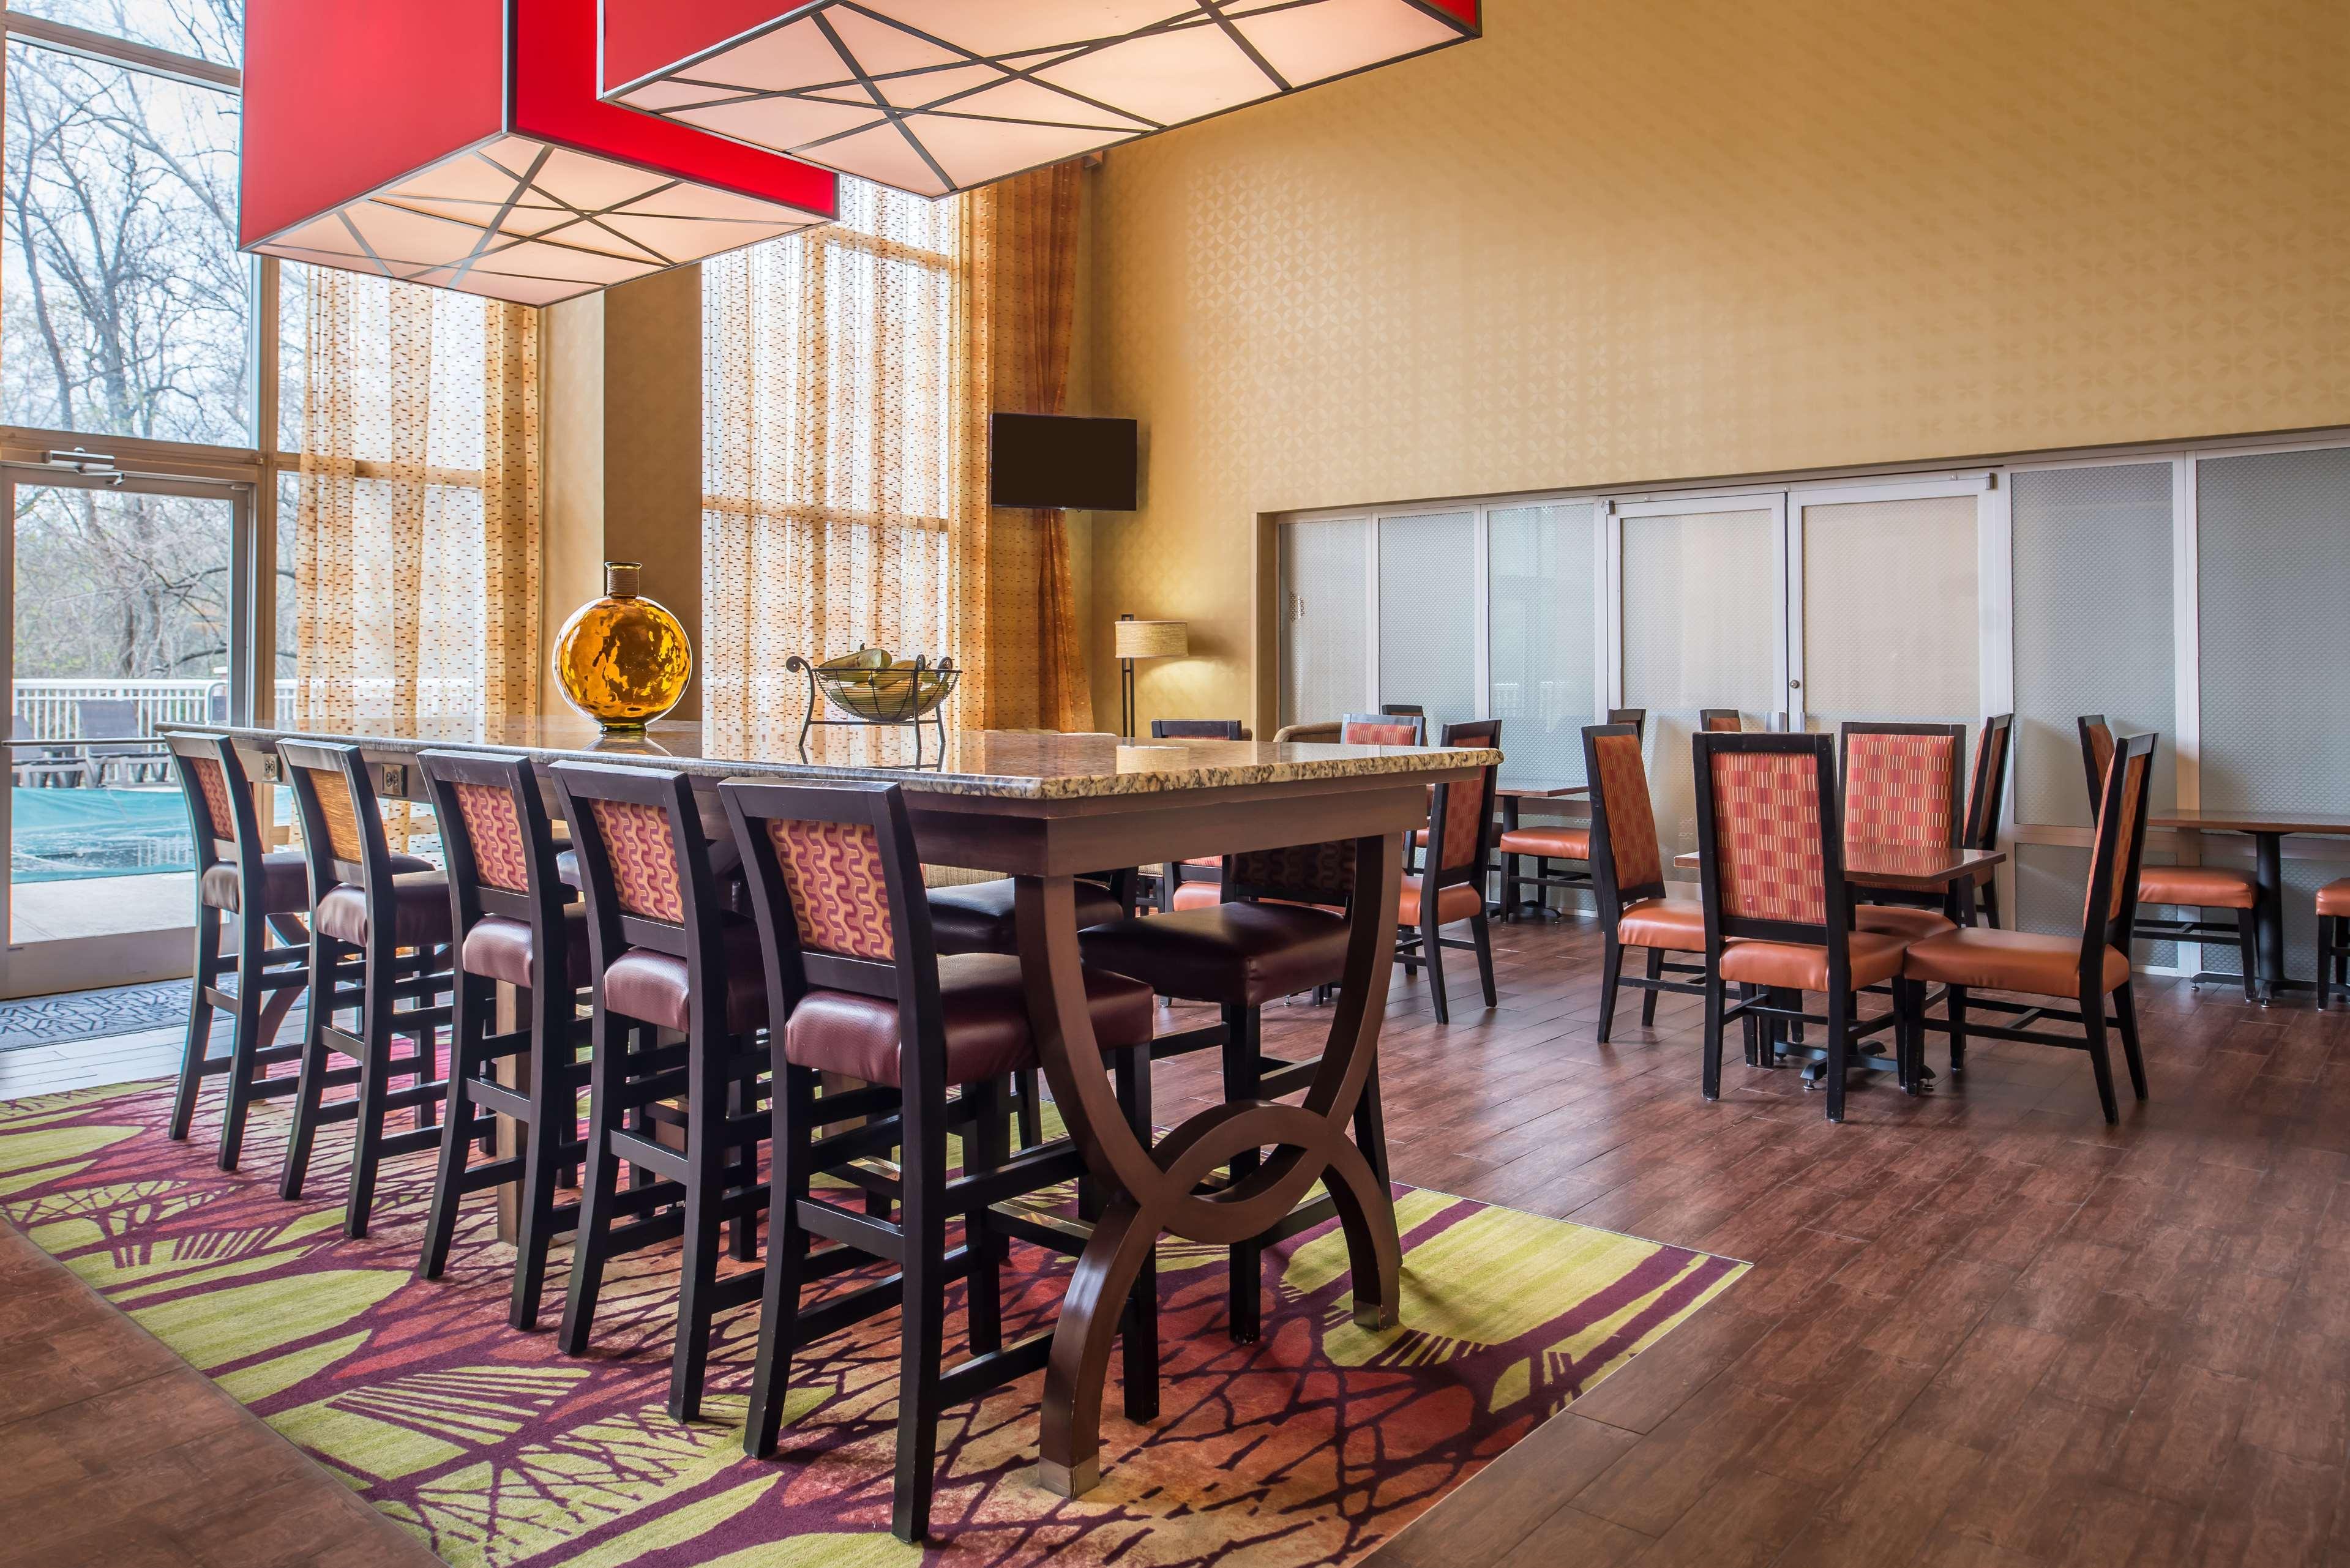 Hampton Inn & Suites Charlotte-Arrowood Rd. image 3